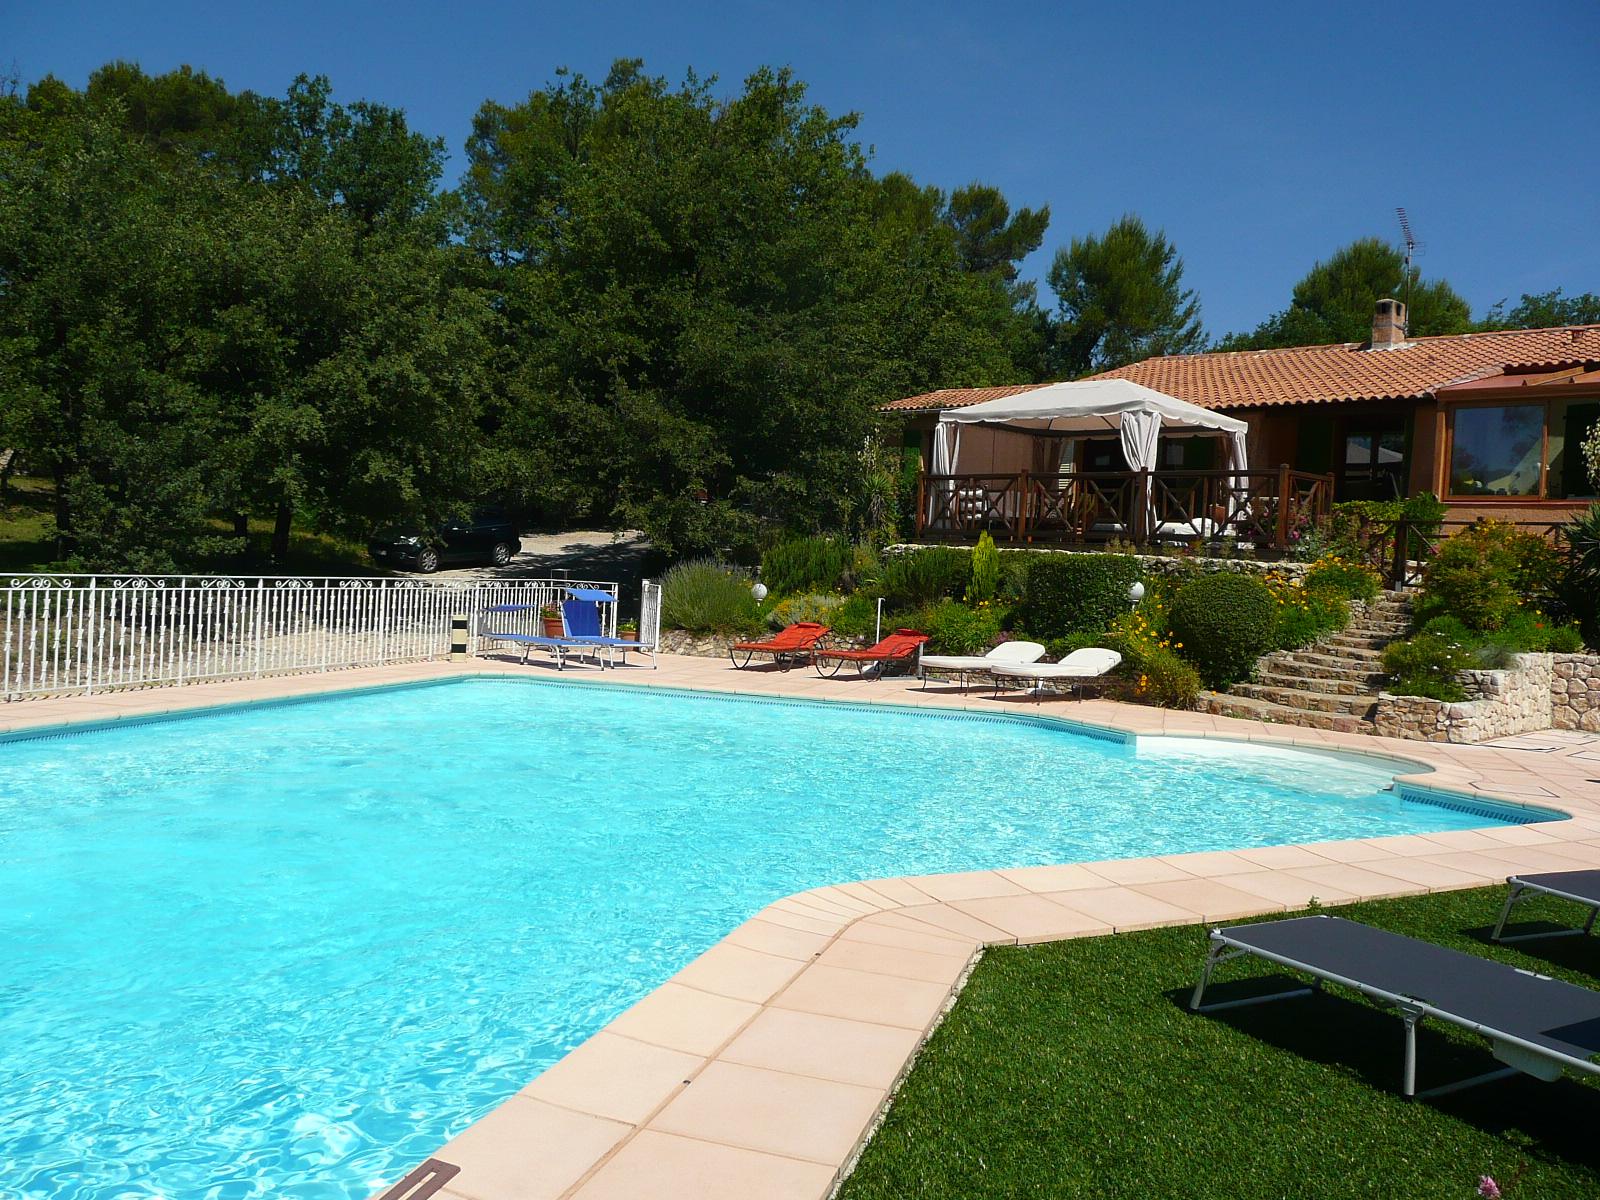 Bandb chambre d 39 h tes piscine chauff e jacuzzi entre aix - Chambre d hote piscine chauffee ...